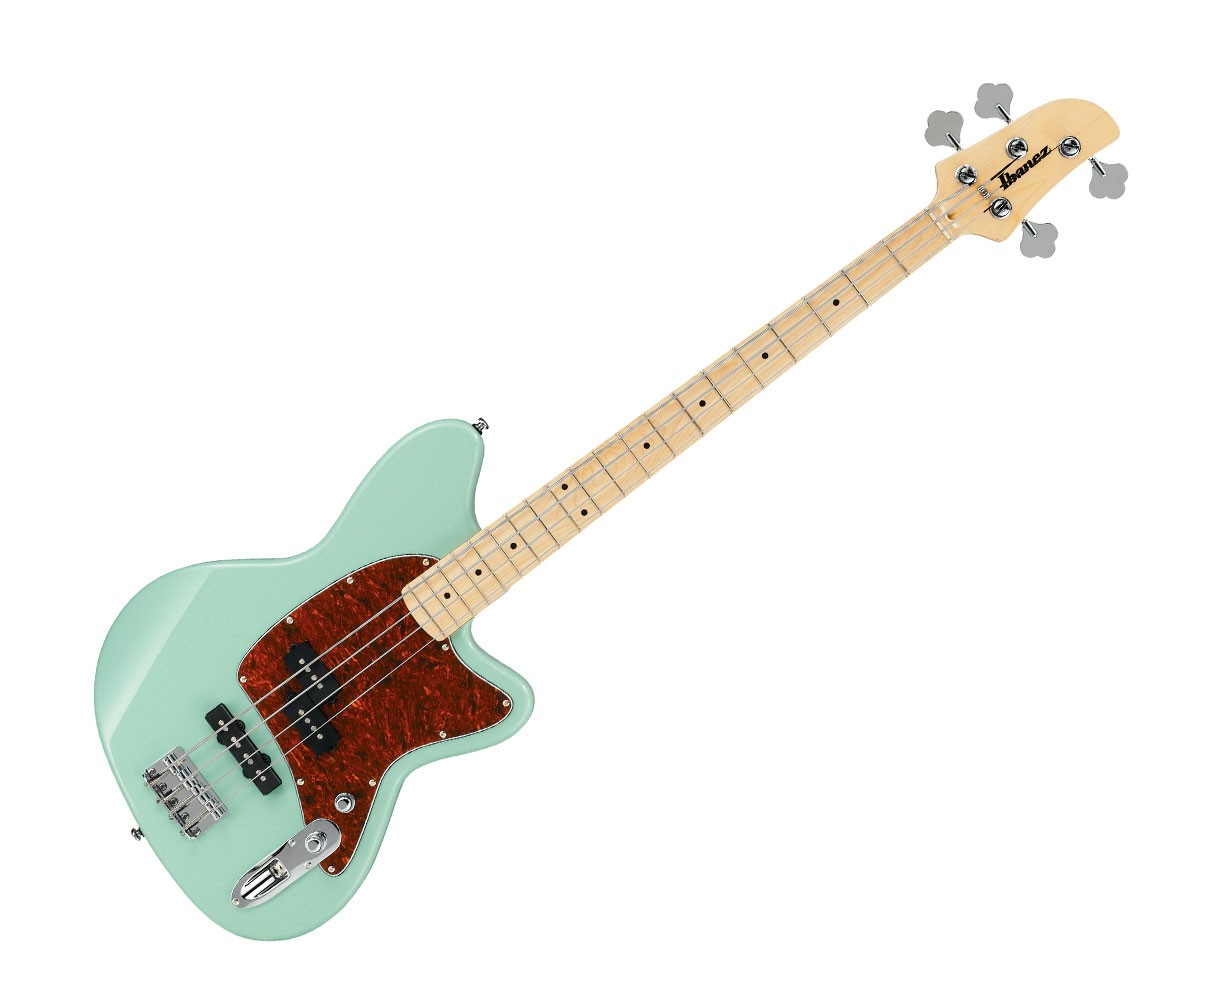 Ibanez Talman Bass Standard 4 String Electric Bass - Mint Green